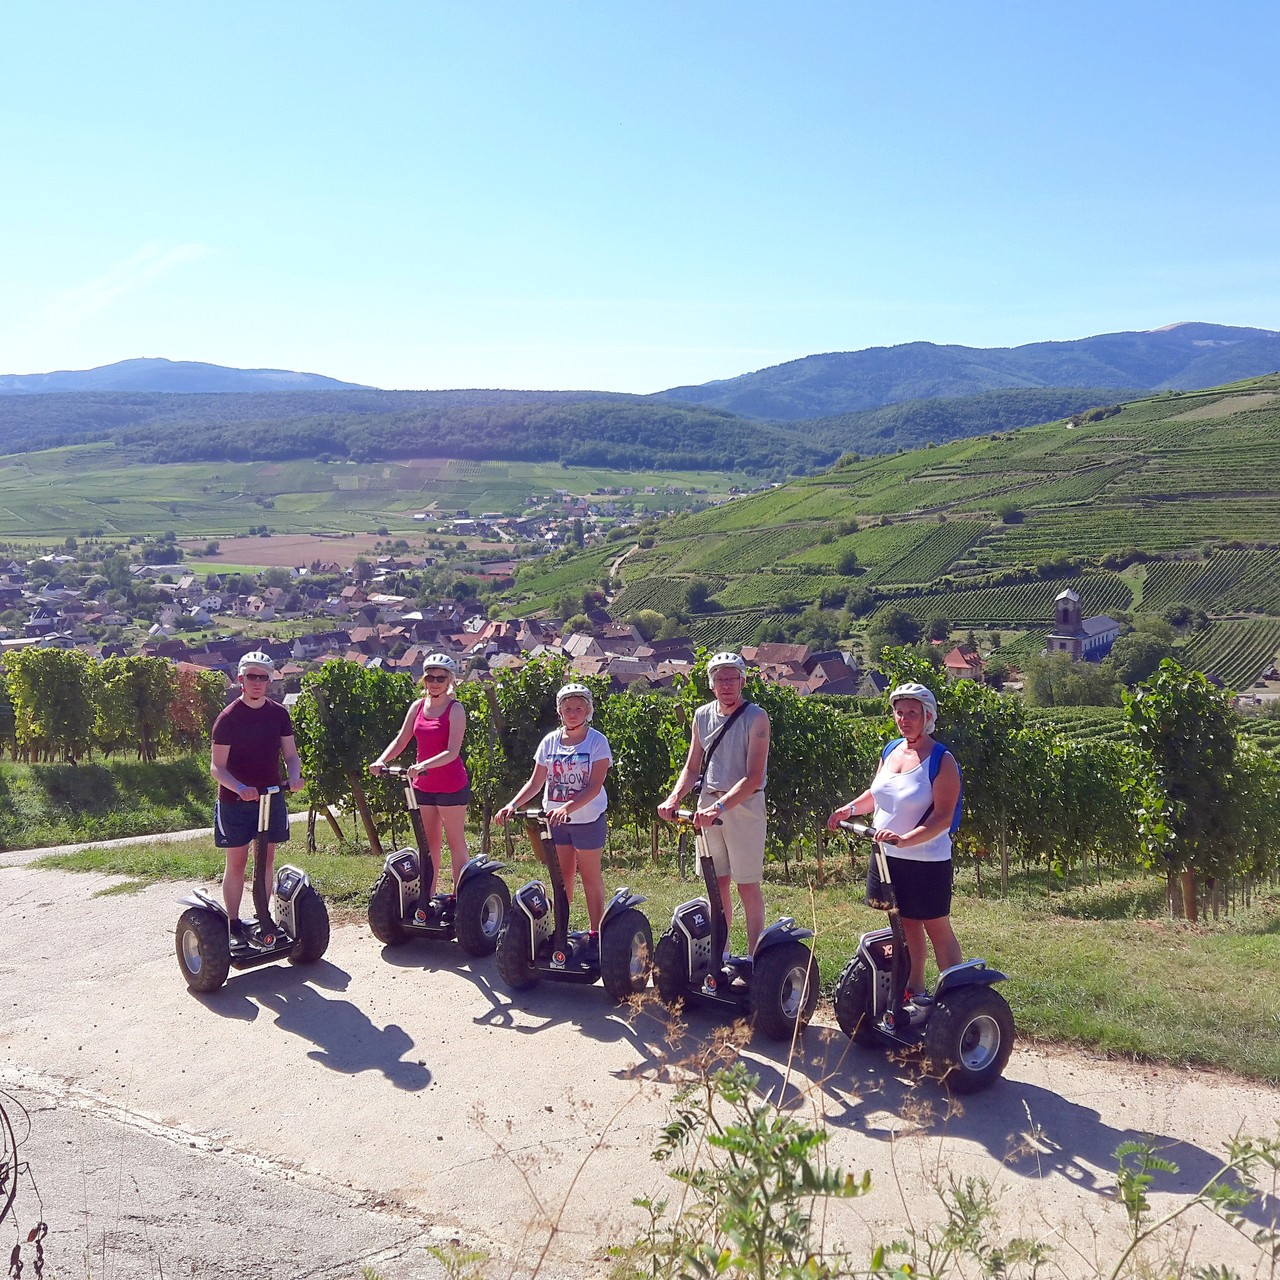 FUN MOVING GYROPODE SEGWAY EN ALSACE - vignoble d'Alsace, Westhalten